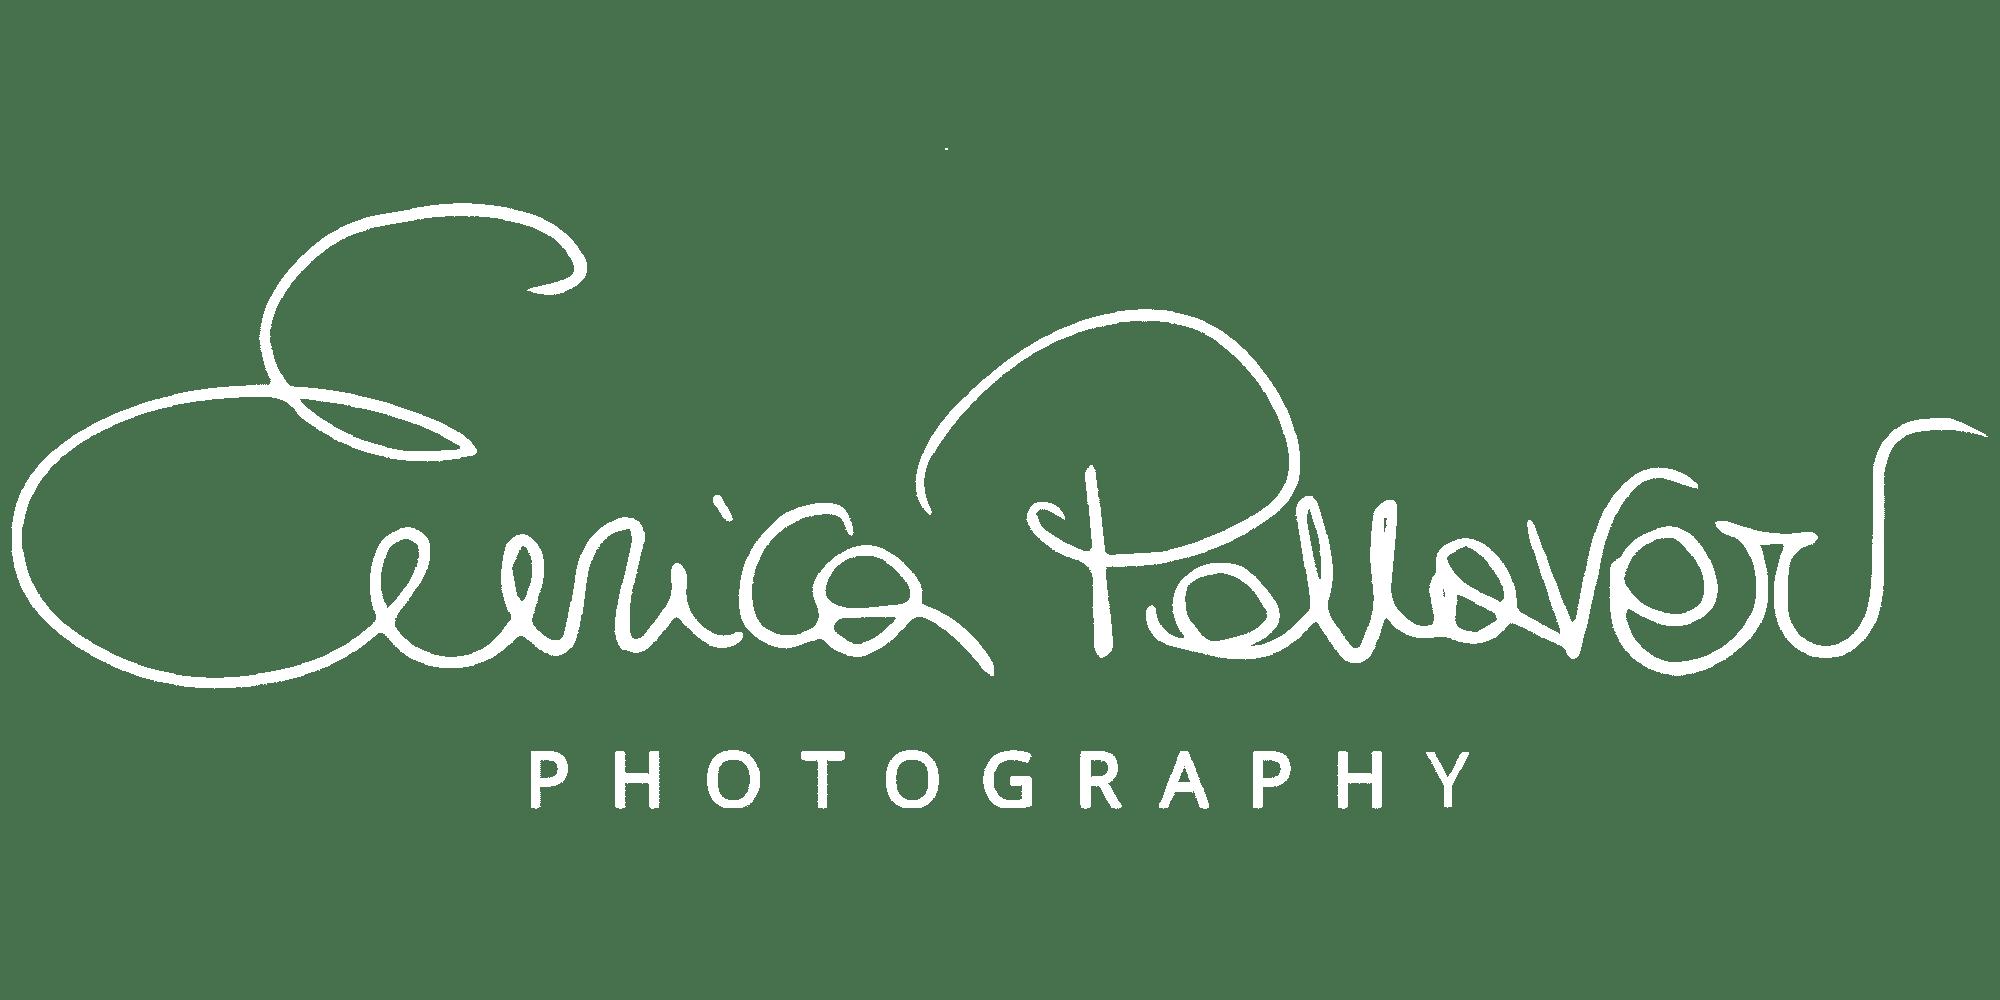 Enrica Pallaver | Photography